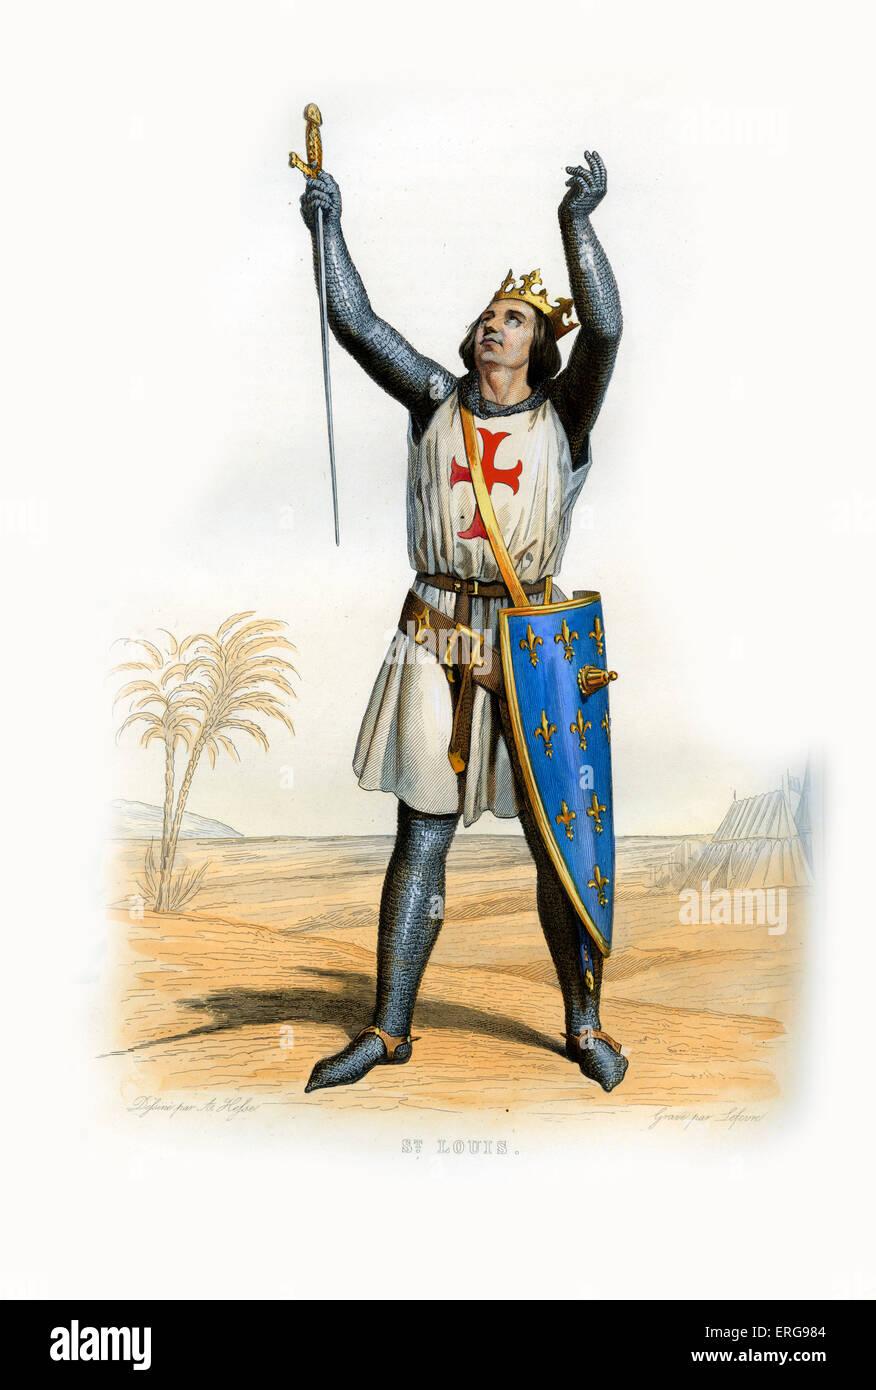 Luis IX de Francia, conocido como Saint Louis. Rey de Francia (1226-1270). 1215-1270. Grabado por Lefevre, c.1844. Foto de stock